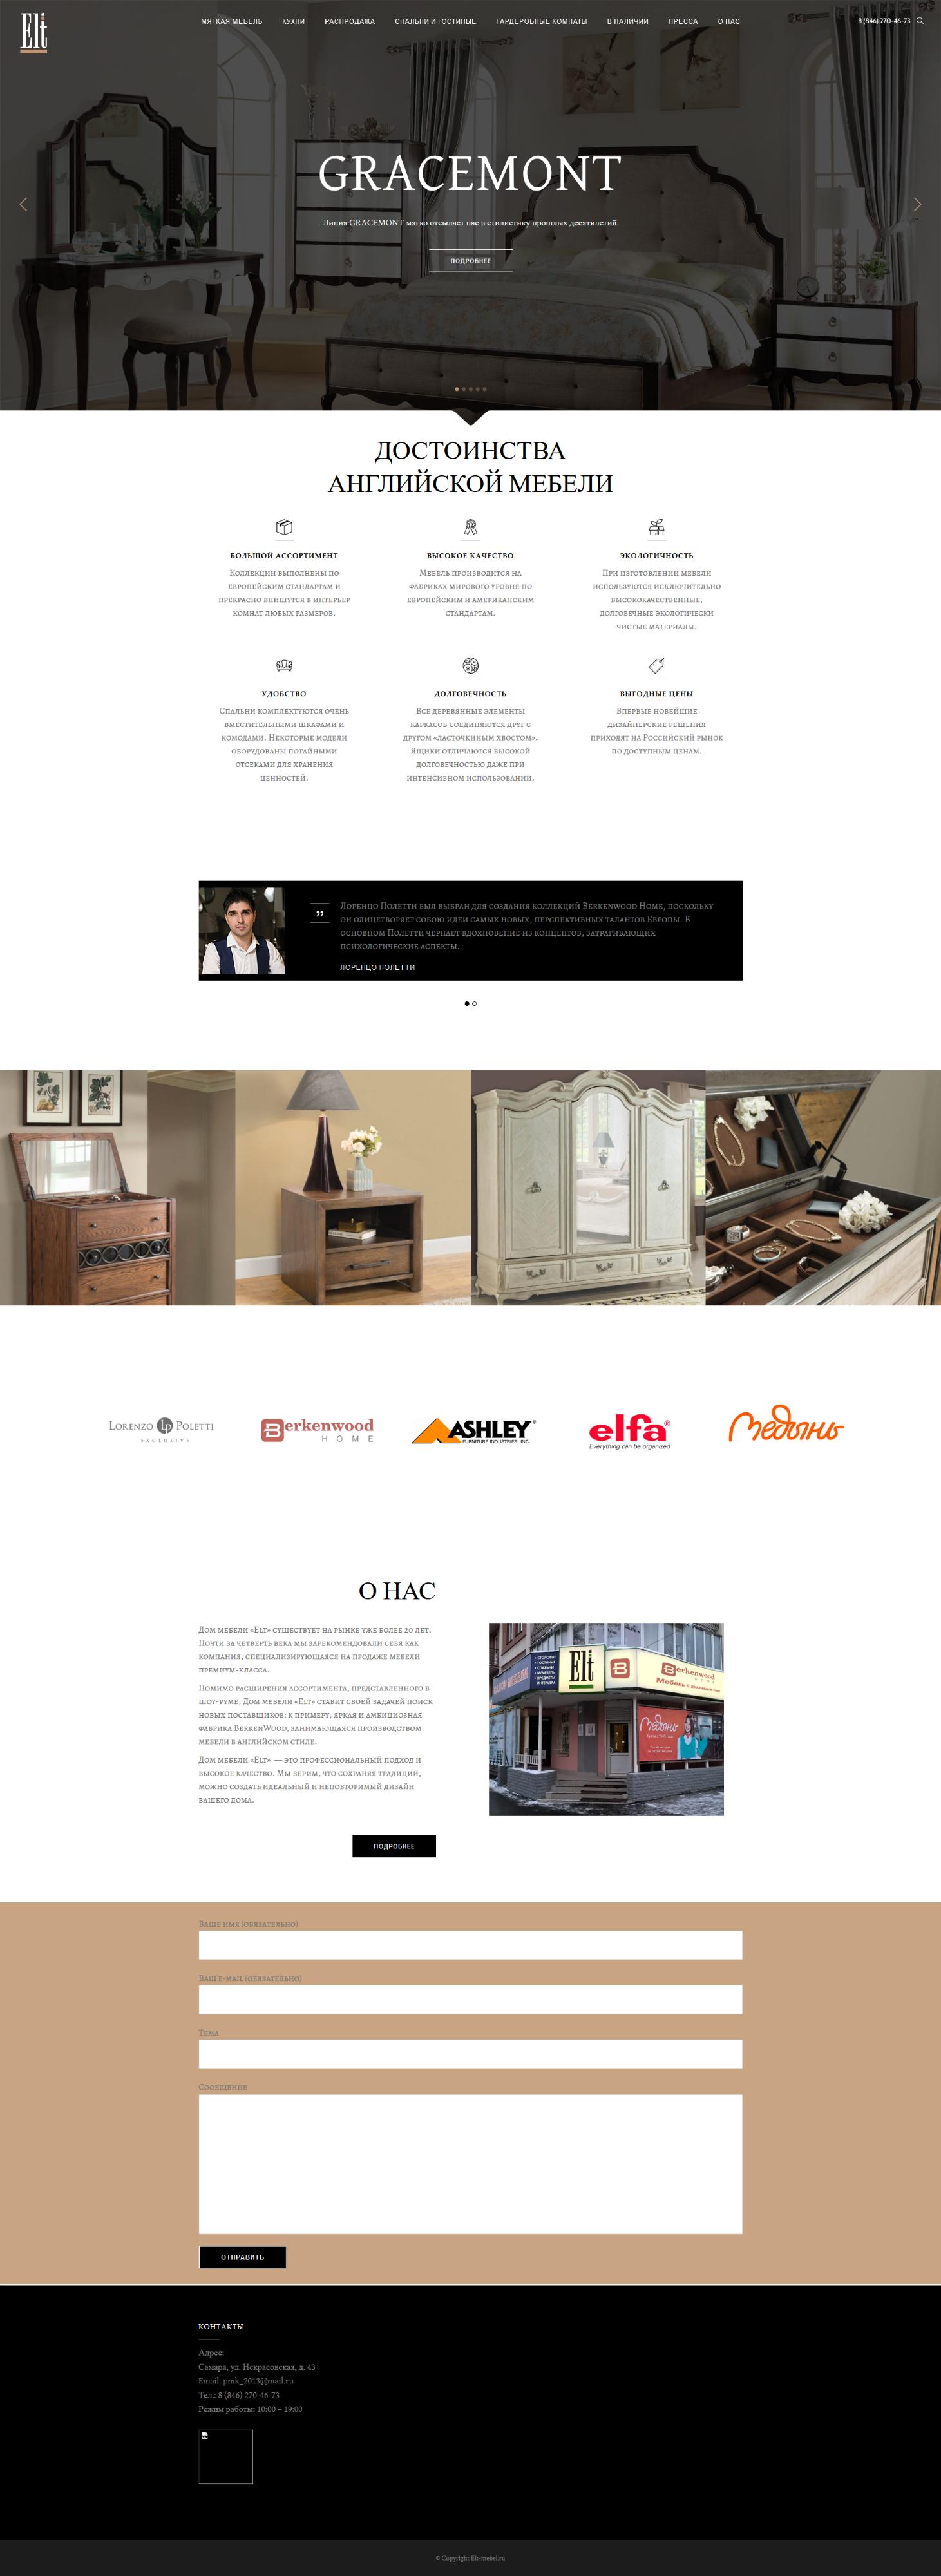 Английская мебель - Сайт-визитка